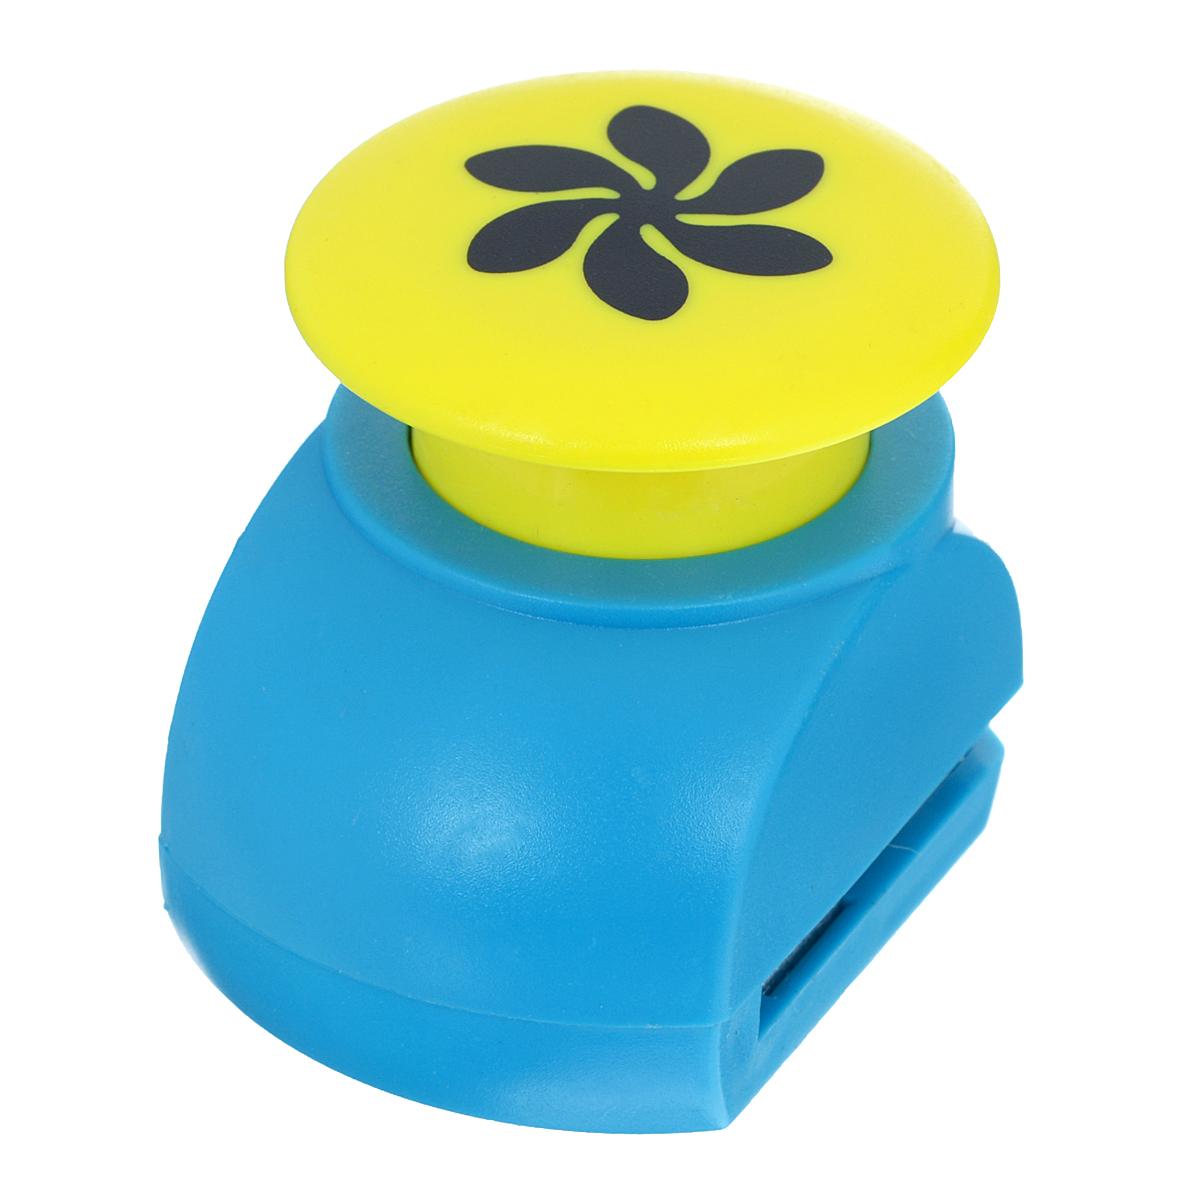 Дырокол фигурный Астра Пропеллер. JF-8237709606_144Дырокол Астра Пропеллер поможет вам легко, просто и аккуратно вырезать много одинаковых мелких фигурок.Режущие части компостера закрыты пластмассовым корпусом, что обеспечивает безопасность для детей.Можно использовать вырезанные мотивы как конфетти или для наклеивания. Дырокол подходит для разных техник: декупажа, скрапбукинга, декорирования.Размер дырокола: 5 см х 4 см х 5 см.Диаметр вырезанной фигурки: 2,5 см.